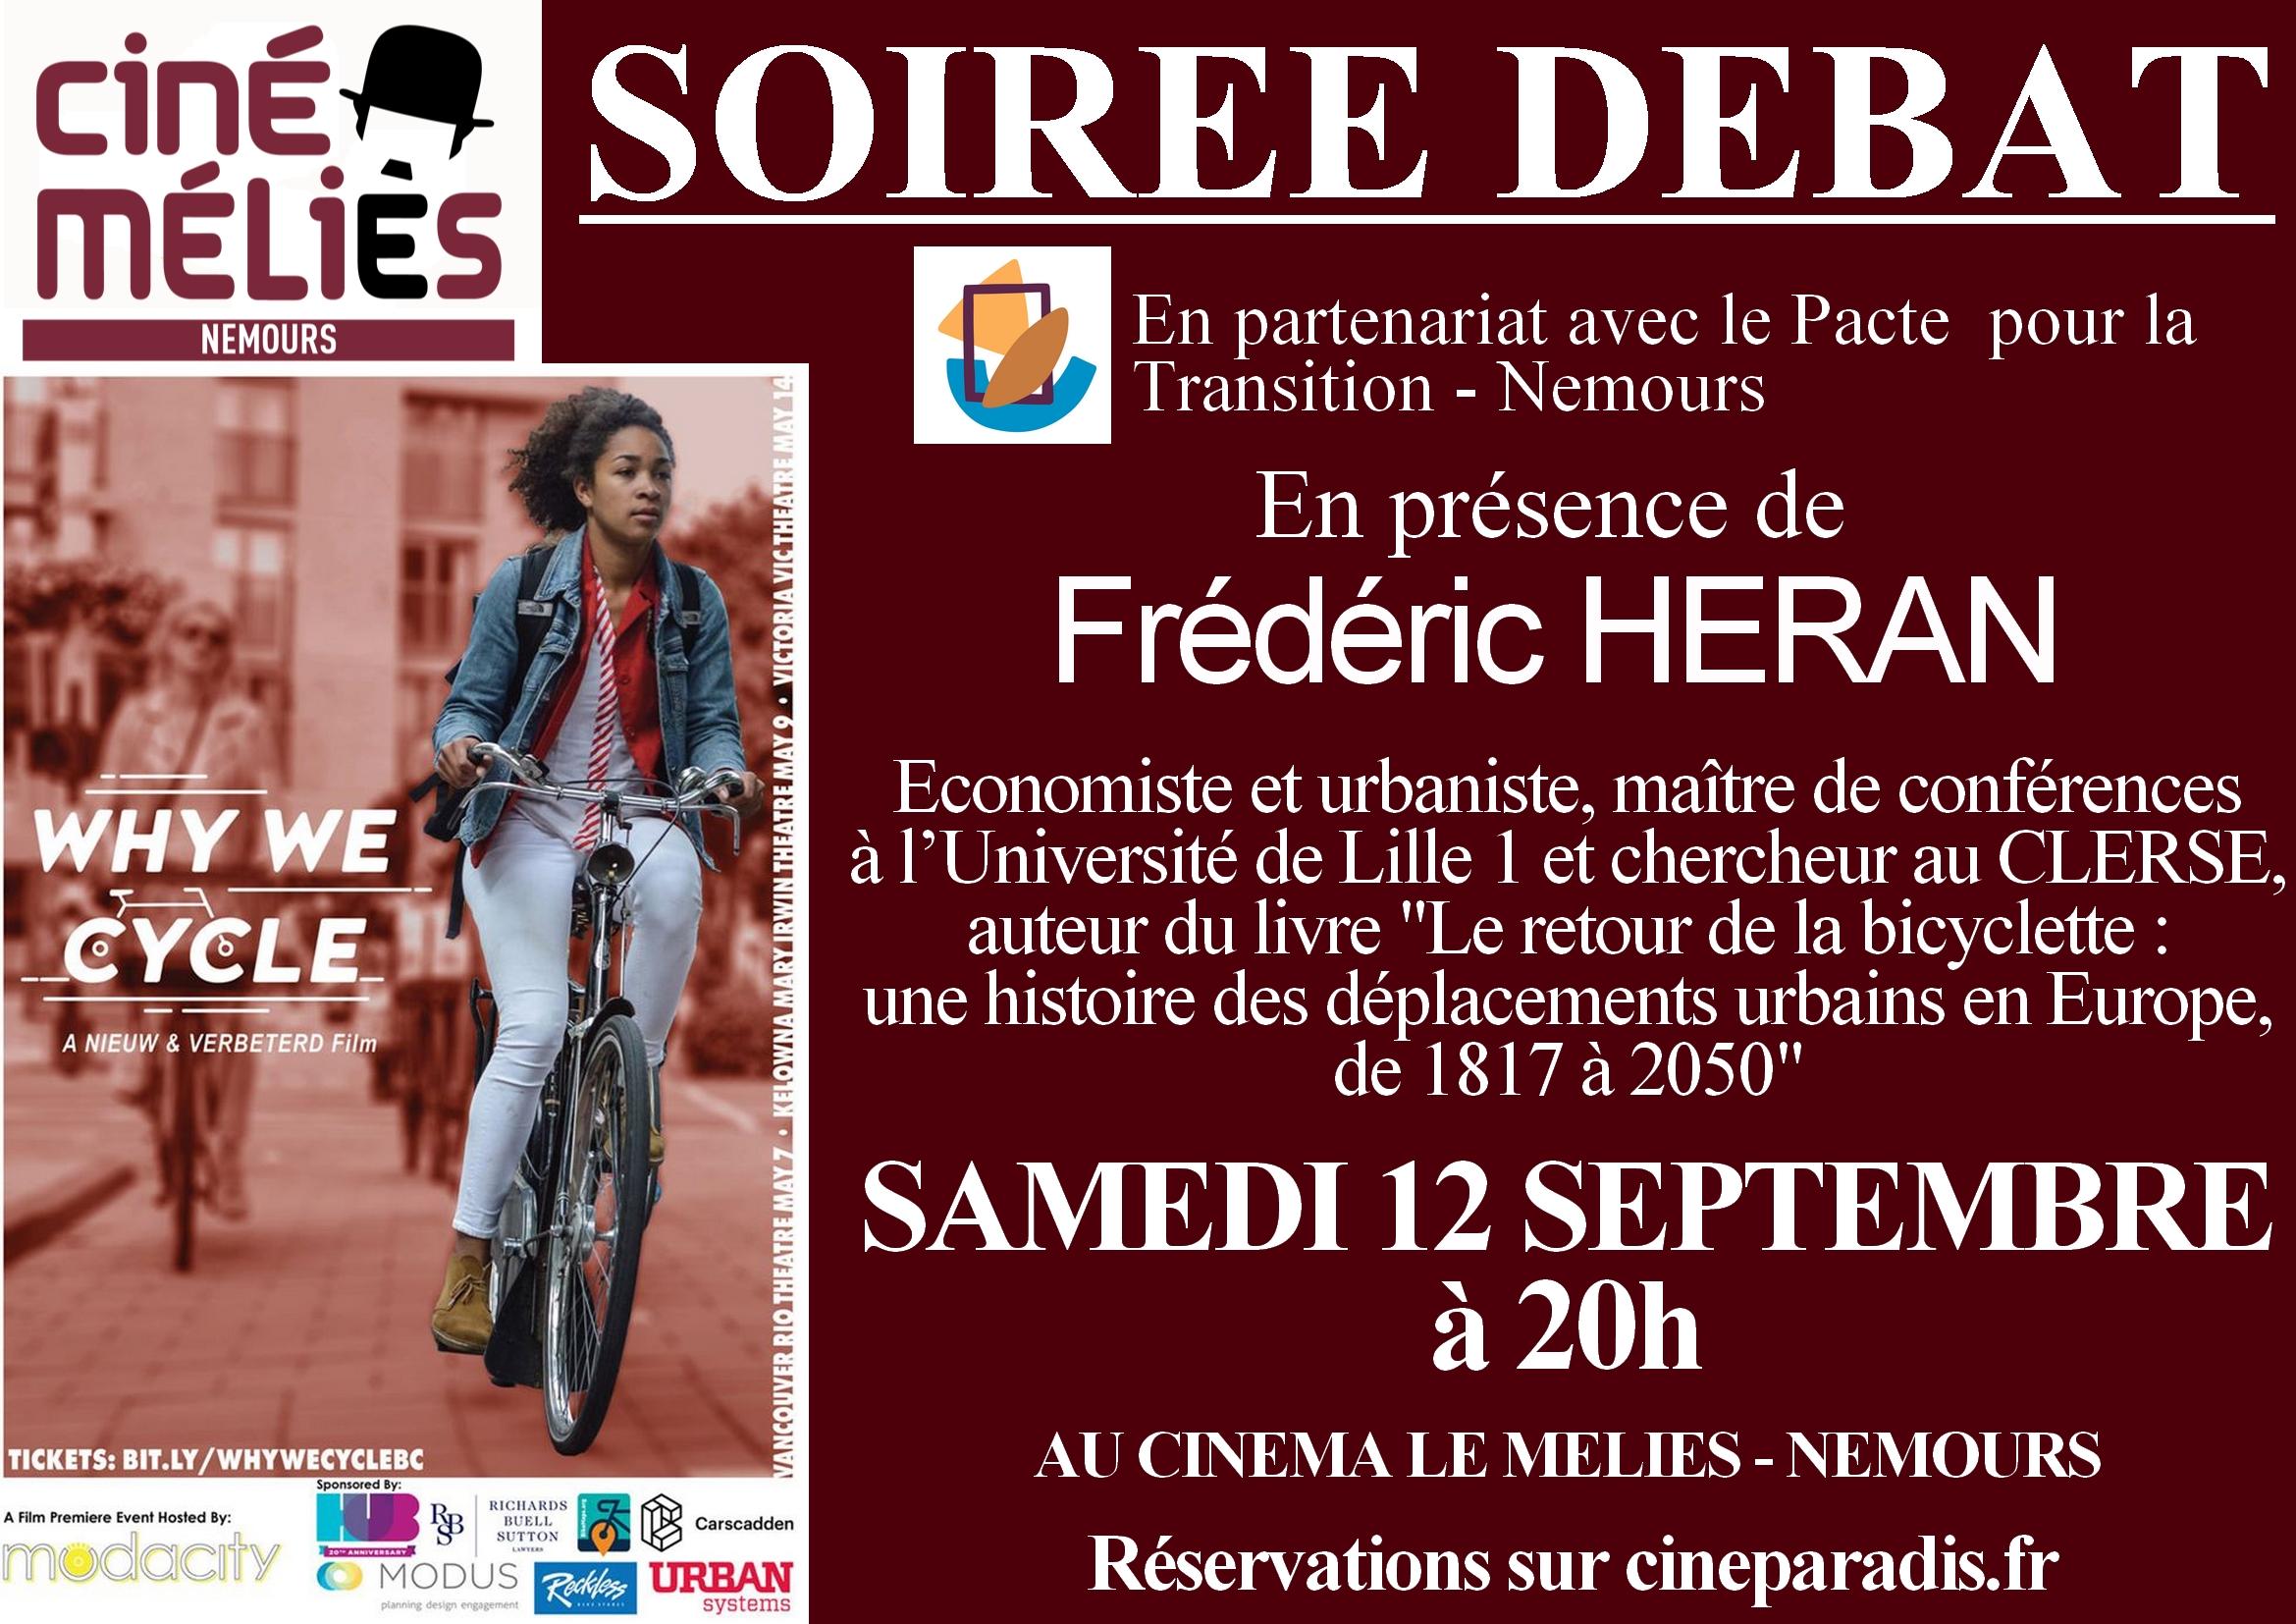 Documentaire «Why we cycle» suivi d'un débat avec F. Heran sur l'utilisation du vélo en ville